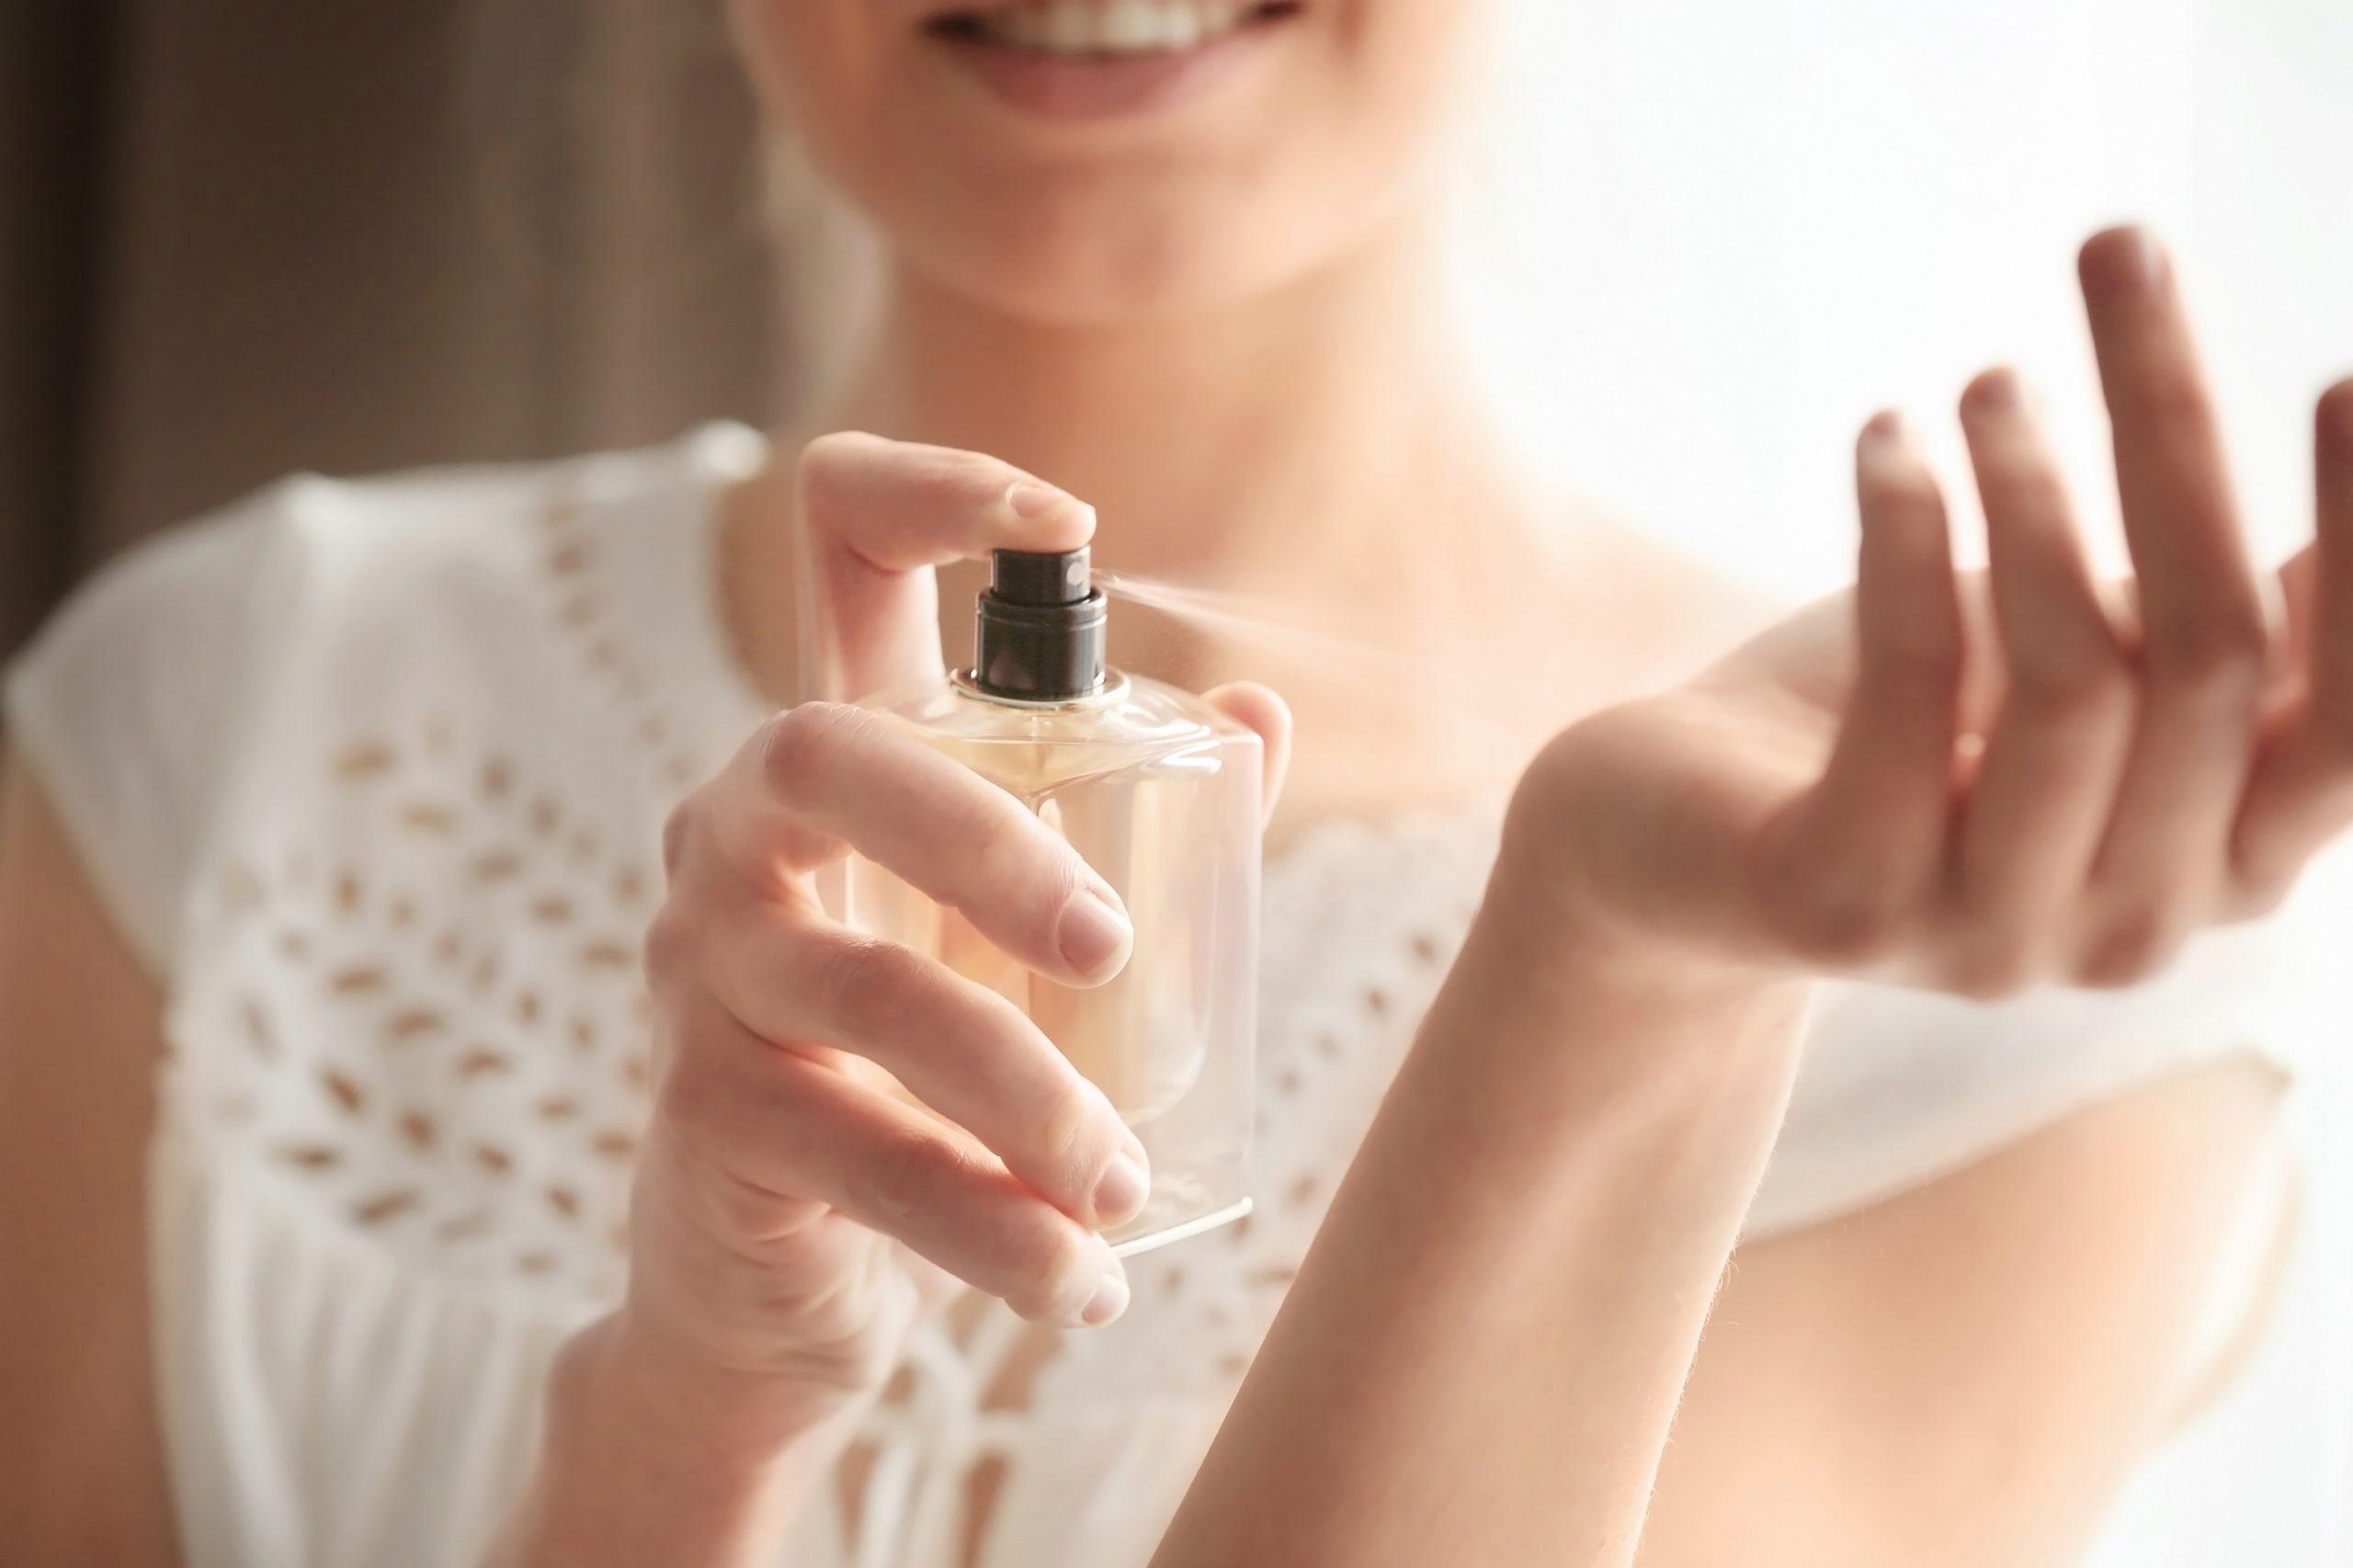 3 частые ошибки, которые многие совершают при нанесении парфюма